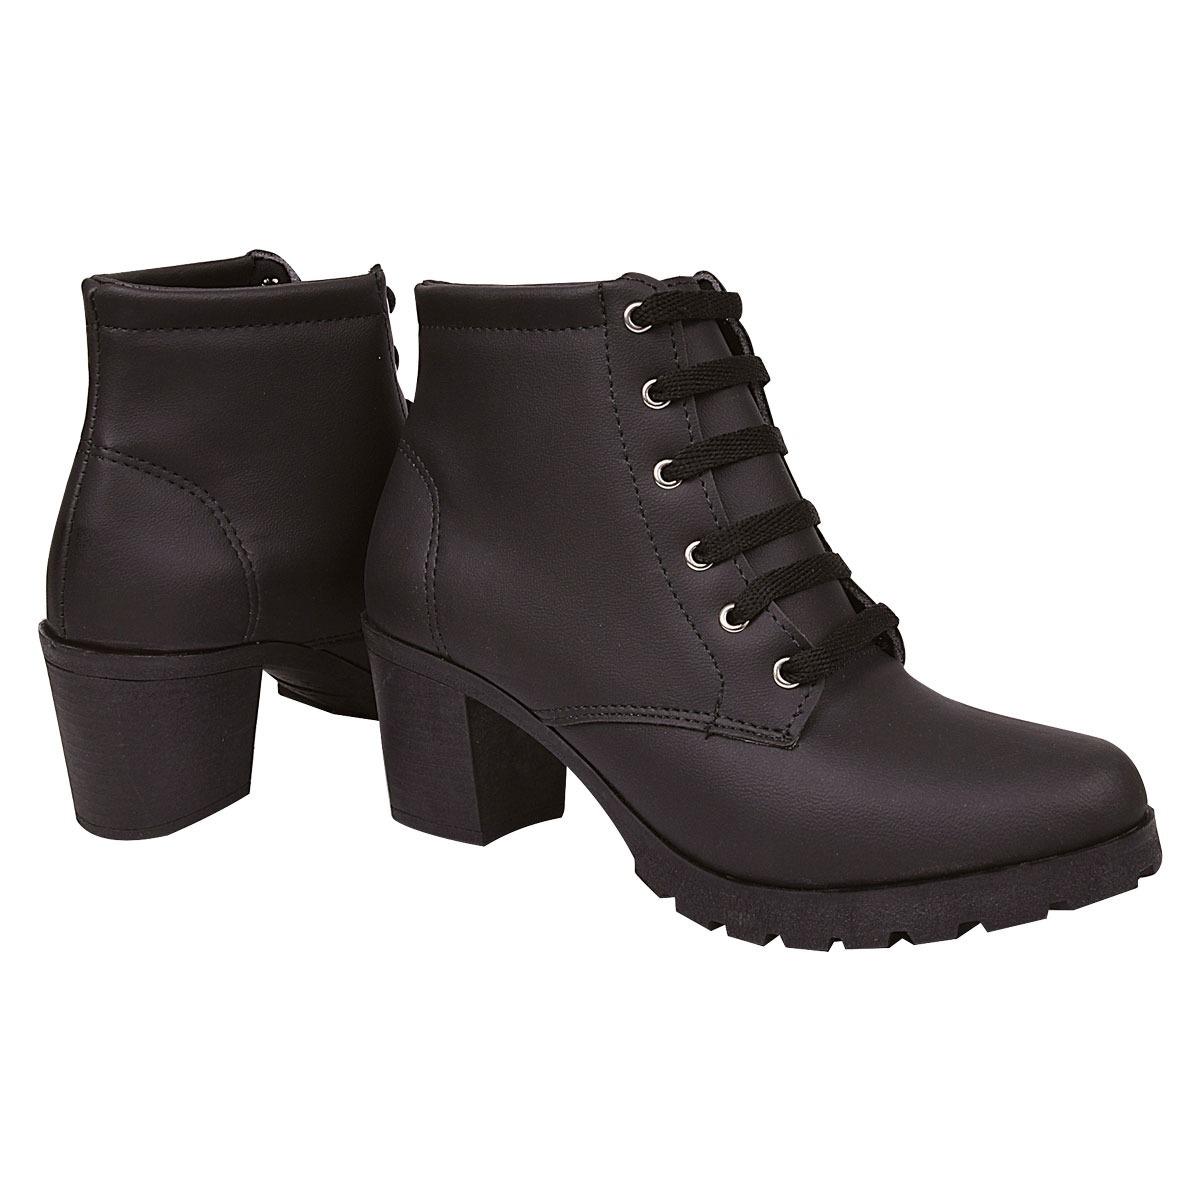 74acbfb0214e6 bota feminina cano curto couro verniz preto 2018 promoção carregando .